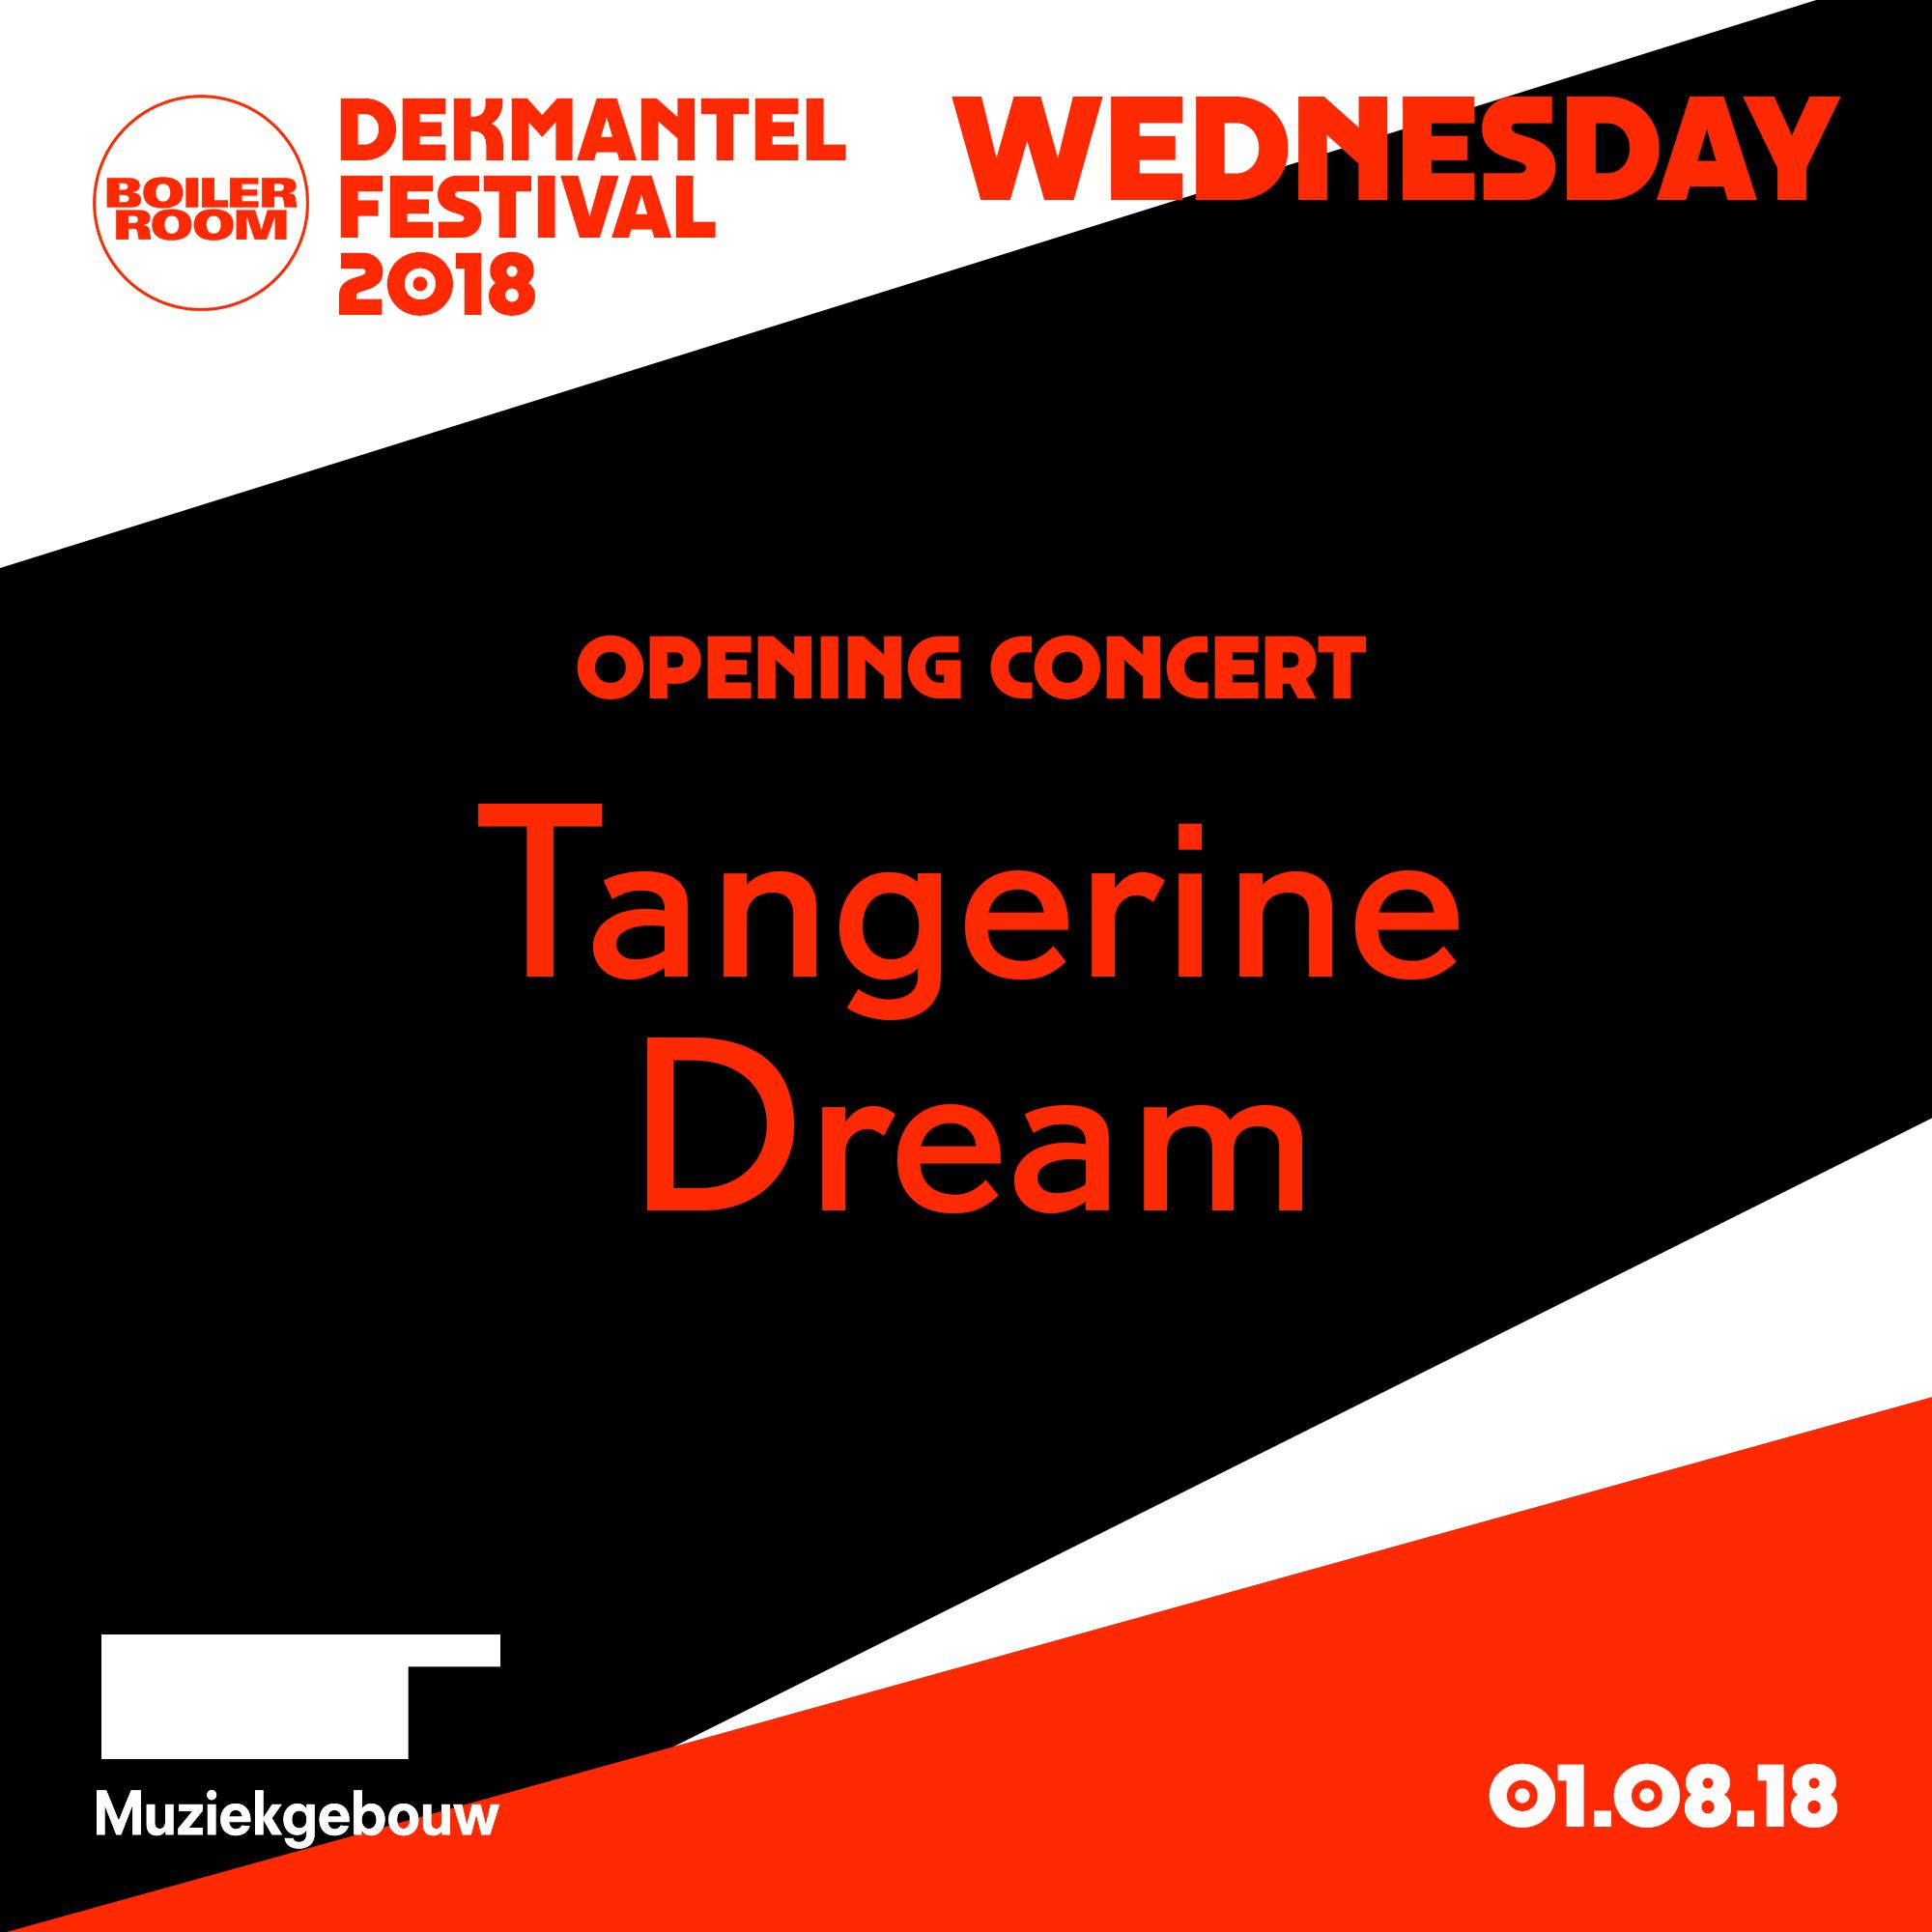 Dekmantel Opening Concert: Tangerine Dream Flyer Image